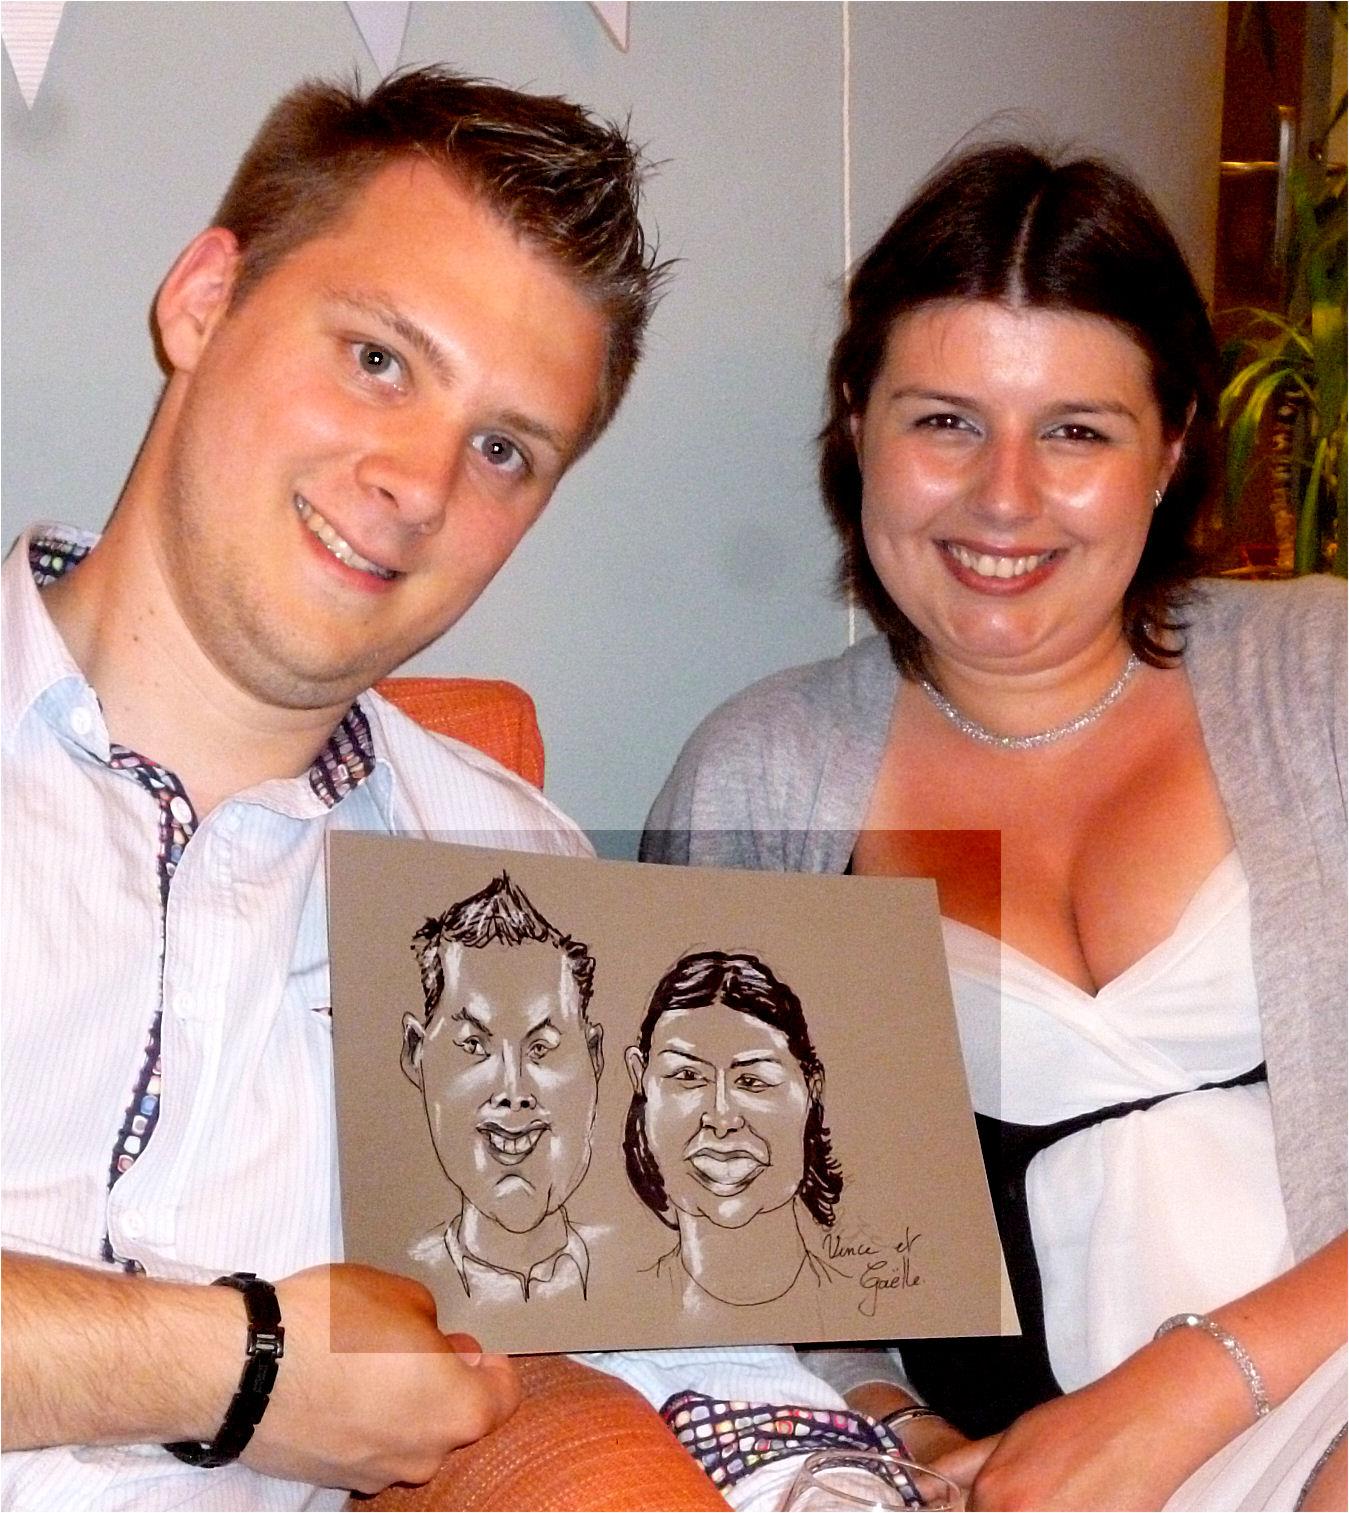 Vince et Gaëlle caricature de JEF